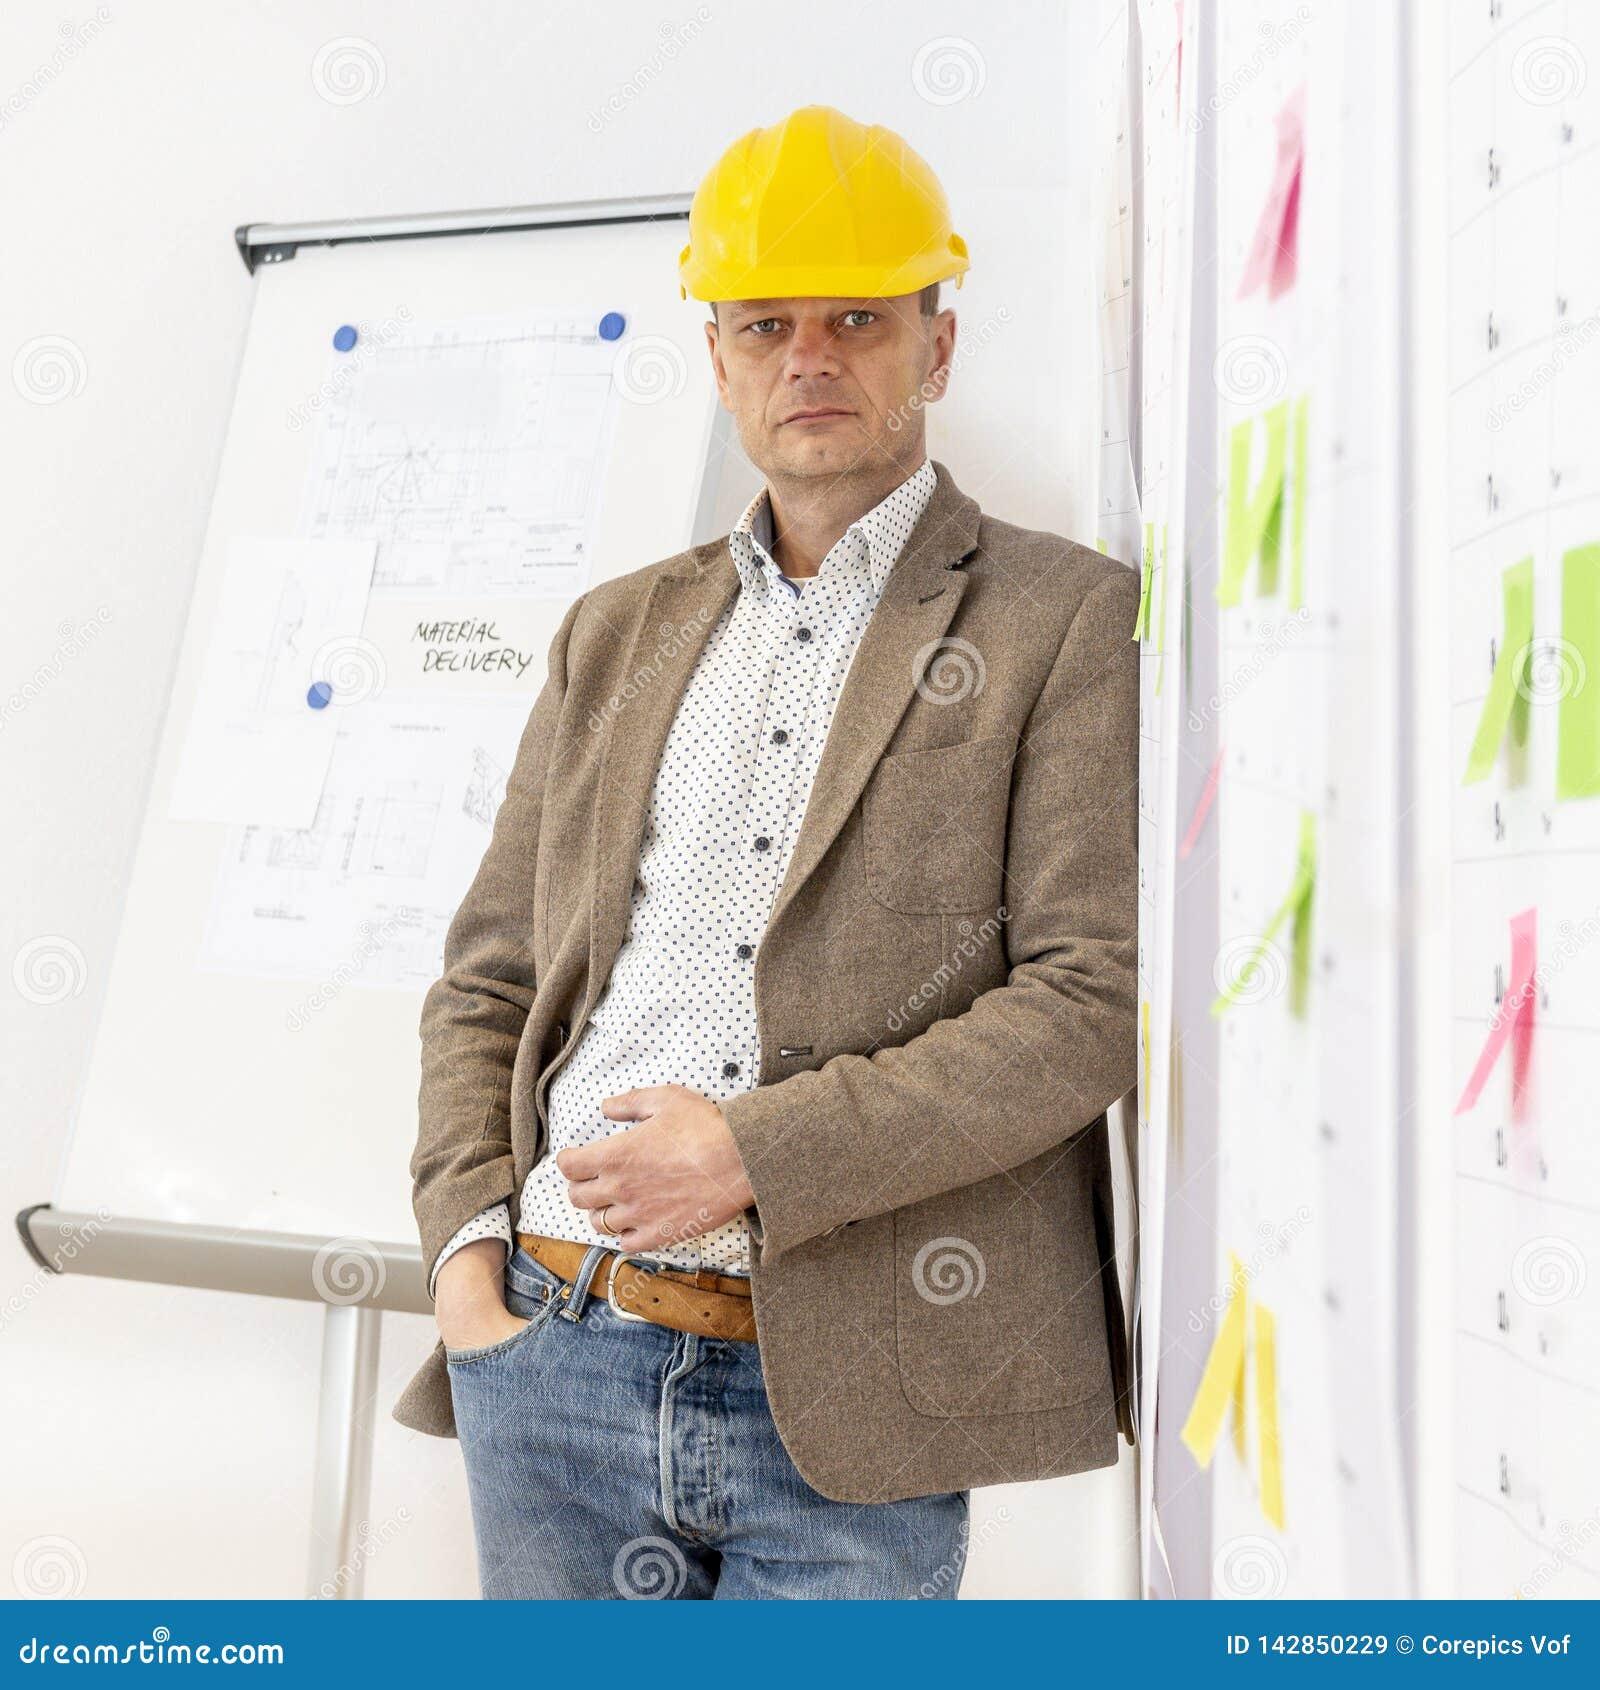 Stadsplanerare som lutar mot en vägg med planläggningsdetaljer